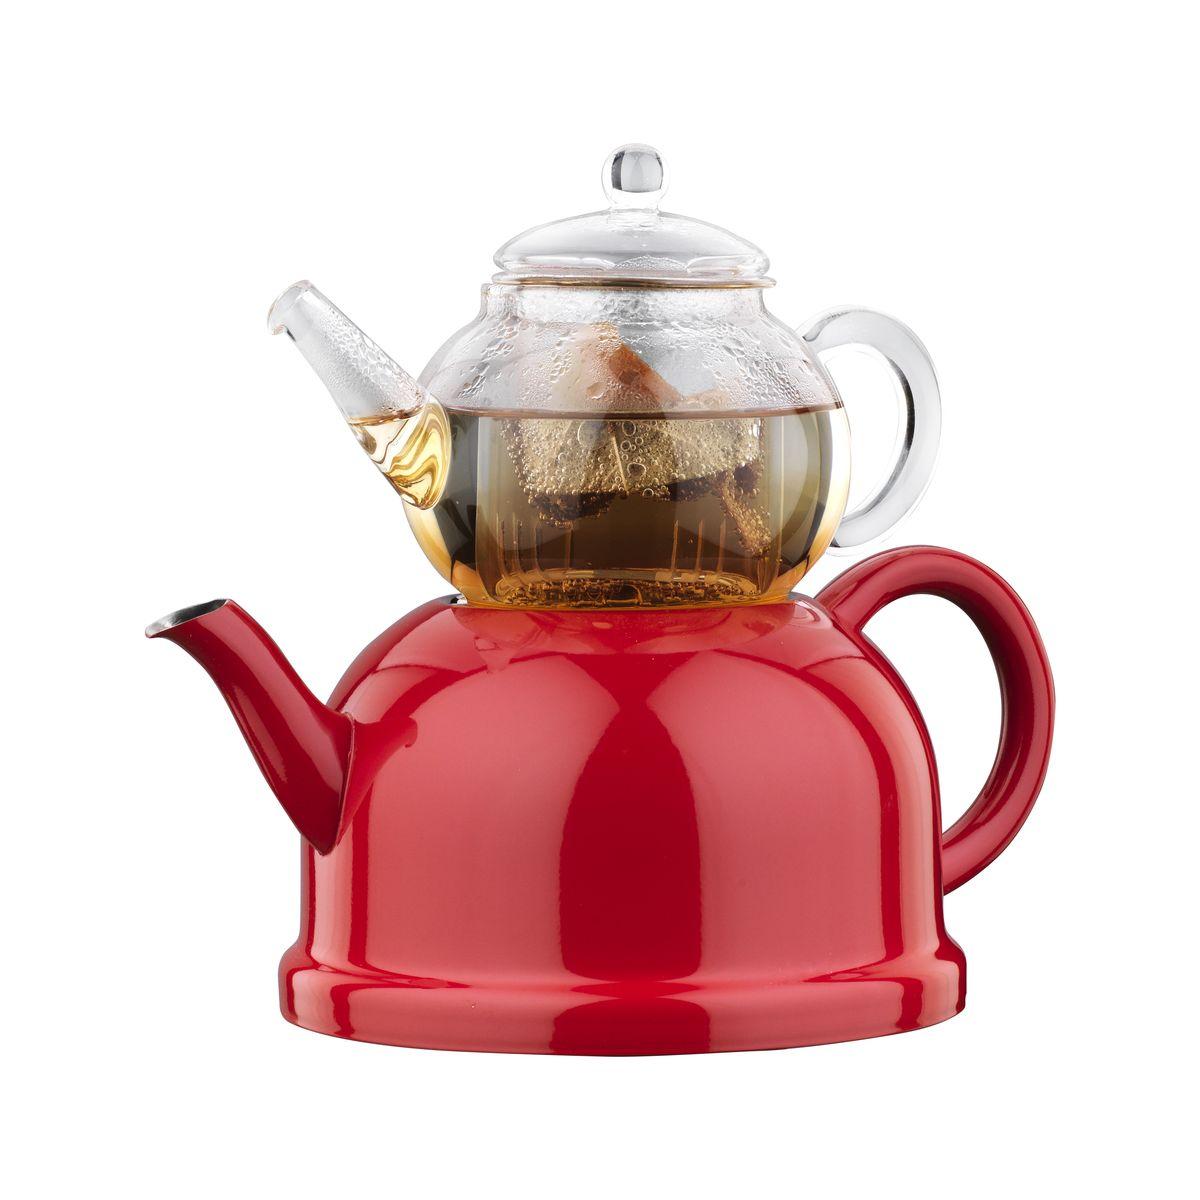 Чайная пара Korkmaz Nosta Midi: чайник, заварник, цвет: прозрачный, красный115510Чайная пара Korkmaz Nosta Midi состоит из чайника и заварника. Чайник изготовлен из высокопрочной хромо-никелевой нержавеющей стали марки 18/10. Индукционное дно обеспечивает наилучшее распределение и сохранение тепла. Термоустойчивость поверхности чайника к высоким температурам. Заварник изготовлен из экологически-чистого высококачественного боросиликатного стекла. Стеклянный заварник выдерживает температуру от -20°С до +150°С. Чайник и заварник оснащены удобными эргономичными ручками и крышками. Современный, стильный дизайн и округлый силуэт чайной пары Korkmaz Nosta Midi придают посуде эстетичный вид. Внешняя поверхность чайника имеет цветное покрытие, а внутренняя поверхность - матовая. Отполированная до блеска поверхность длительное время сохраняет яркость. Для компактного хранения заварник ставится сверху на чайник.Чайник можно использовать на газовых, электрических, стеклокерамических, галогенных, индукционных плитах. Можно мыть в посудомоечной машине. Во время мытья не следует применять жесткую металлическую щетку или агрессивные моющие средства во избежание появления царапин и потери блеска поверхности. Объем чайника: 800 мл. Объем заварника: 300 мл. Внутренний диаметр чайника по верхнему краю: 5 см. Внешний диаметр чайника по верхнему краю: 7,5 см. Диаметр основания чайника: 15 см. Высота чайника (с учетом крышки): 14,5 см. Внутренний диаметр заварника по верхнему краю: 5,5 см. Диаметр основания заварника: 7 см. Высота заварника (с учетом крышки): 11 см.